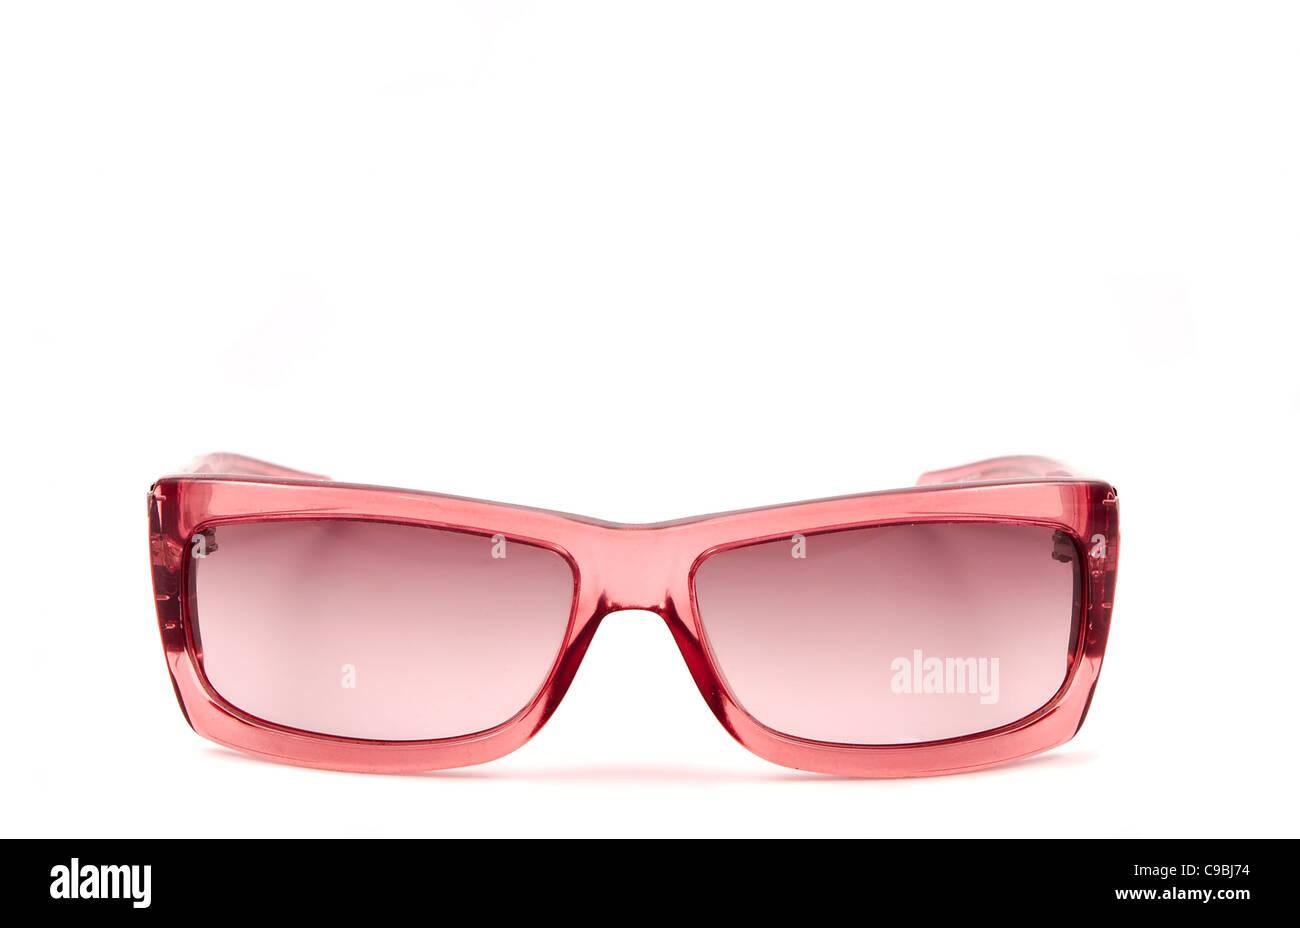 Une paire de lunettes rose chers isolé sur fond blanc Photo Stock fc3ff6483e1a